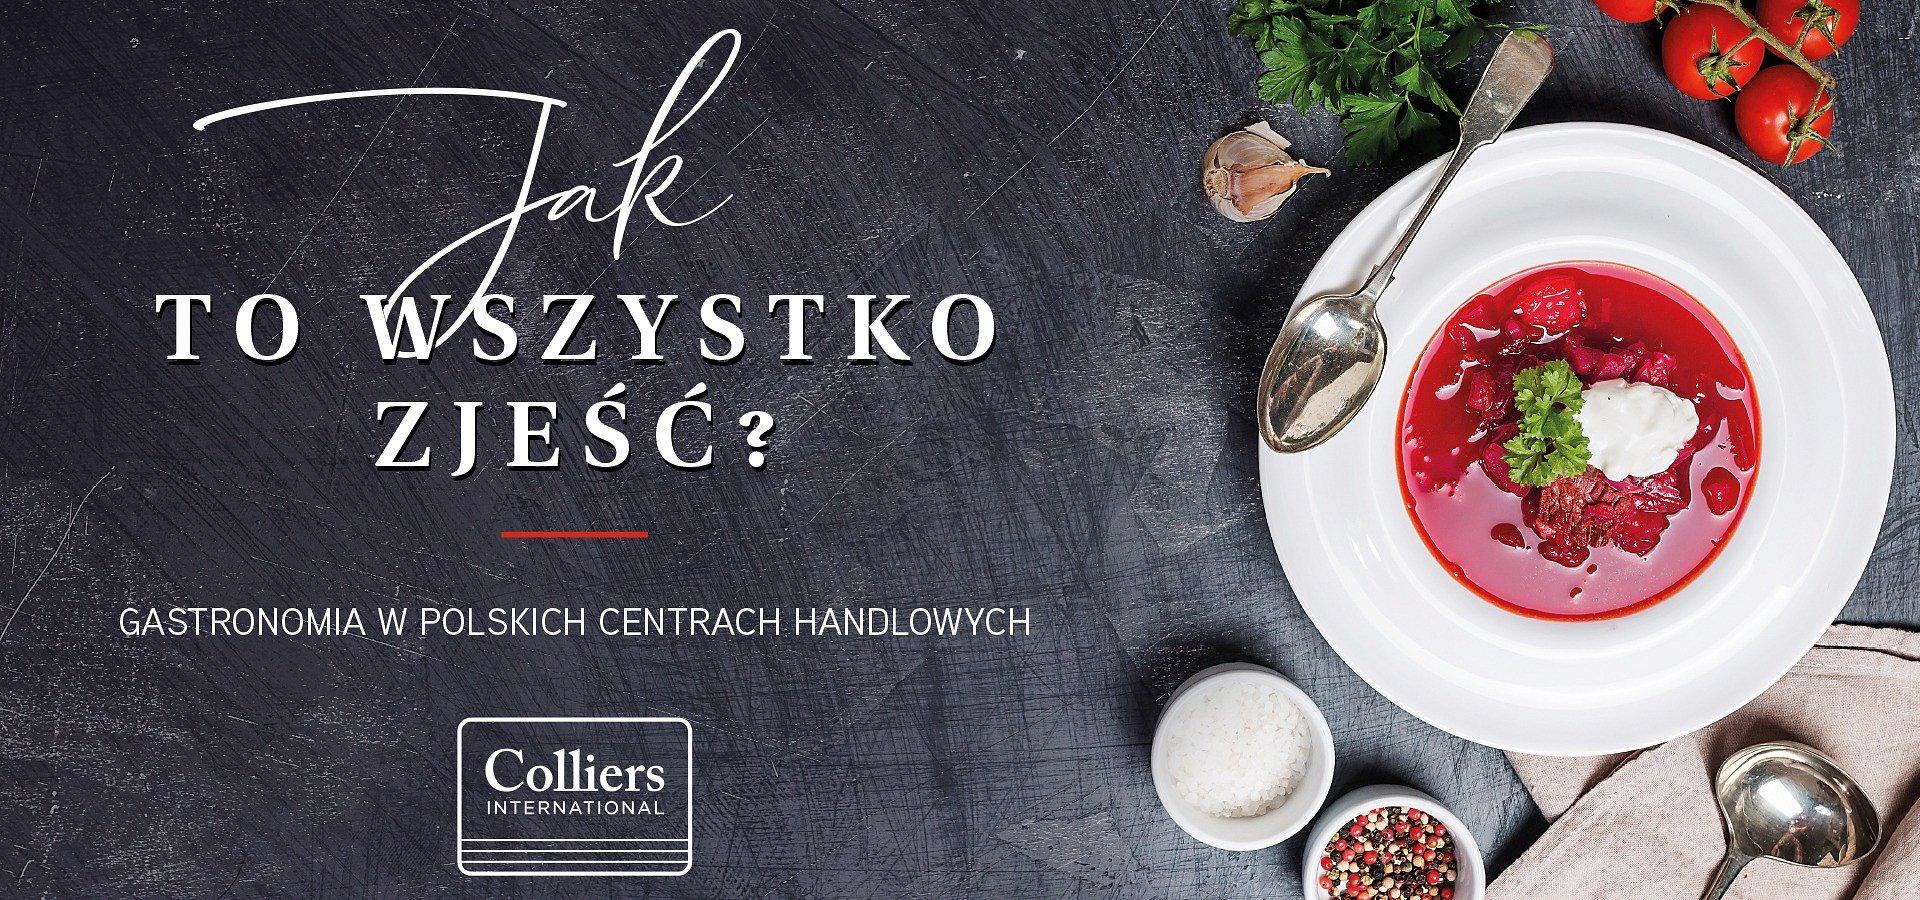 Nowe smaki food courtów, czyli kondycja sektora gastronomicznego w polskich centrach handlowych